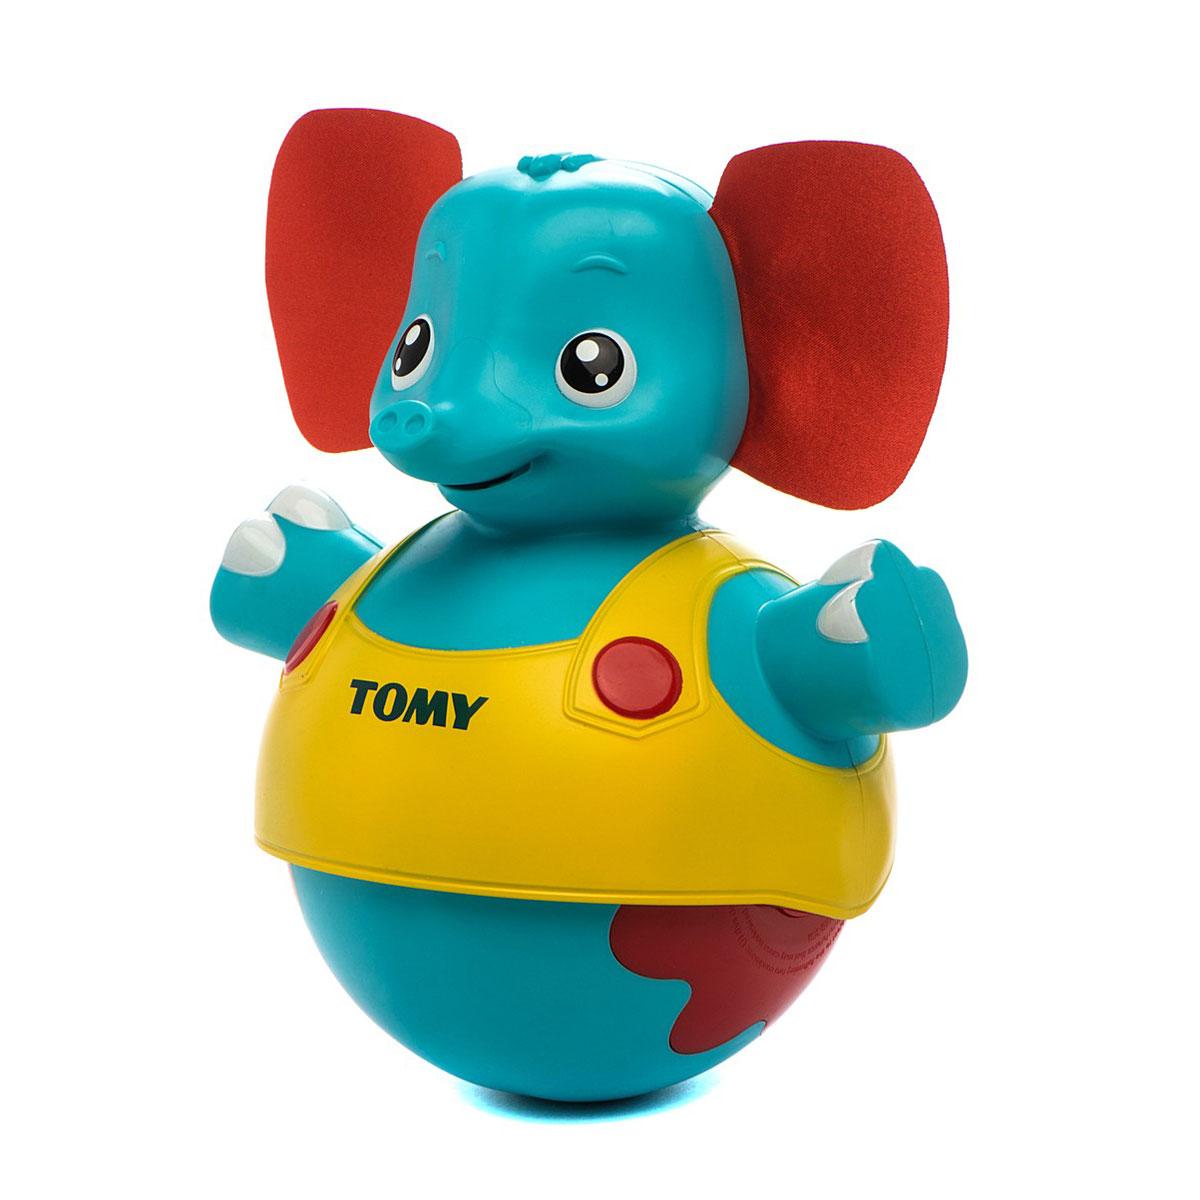 Tomy Развивающая игрушка Слоник учится ходить, озвученная игрушки интерактивные tomy интерактивная игрушка слоник учится ходить